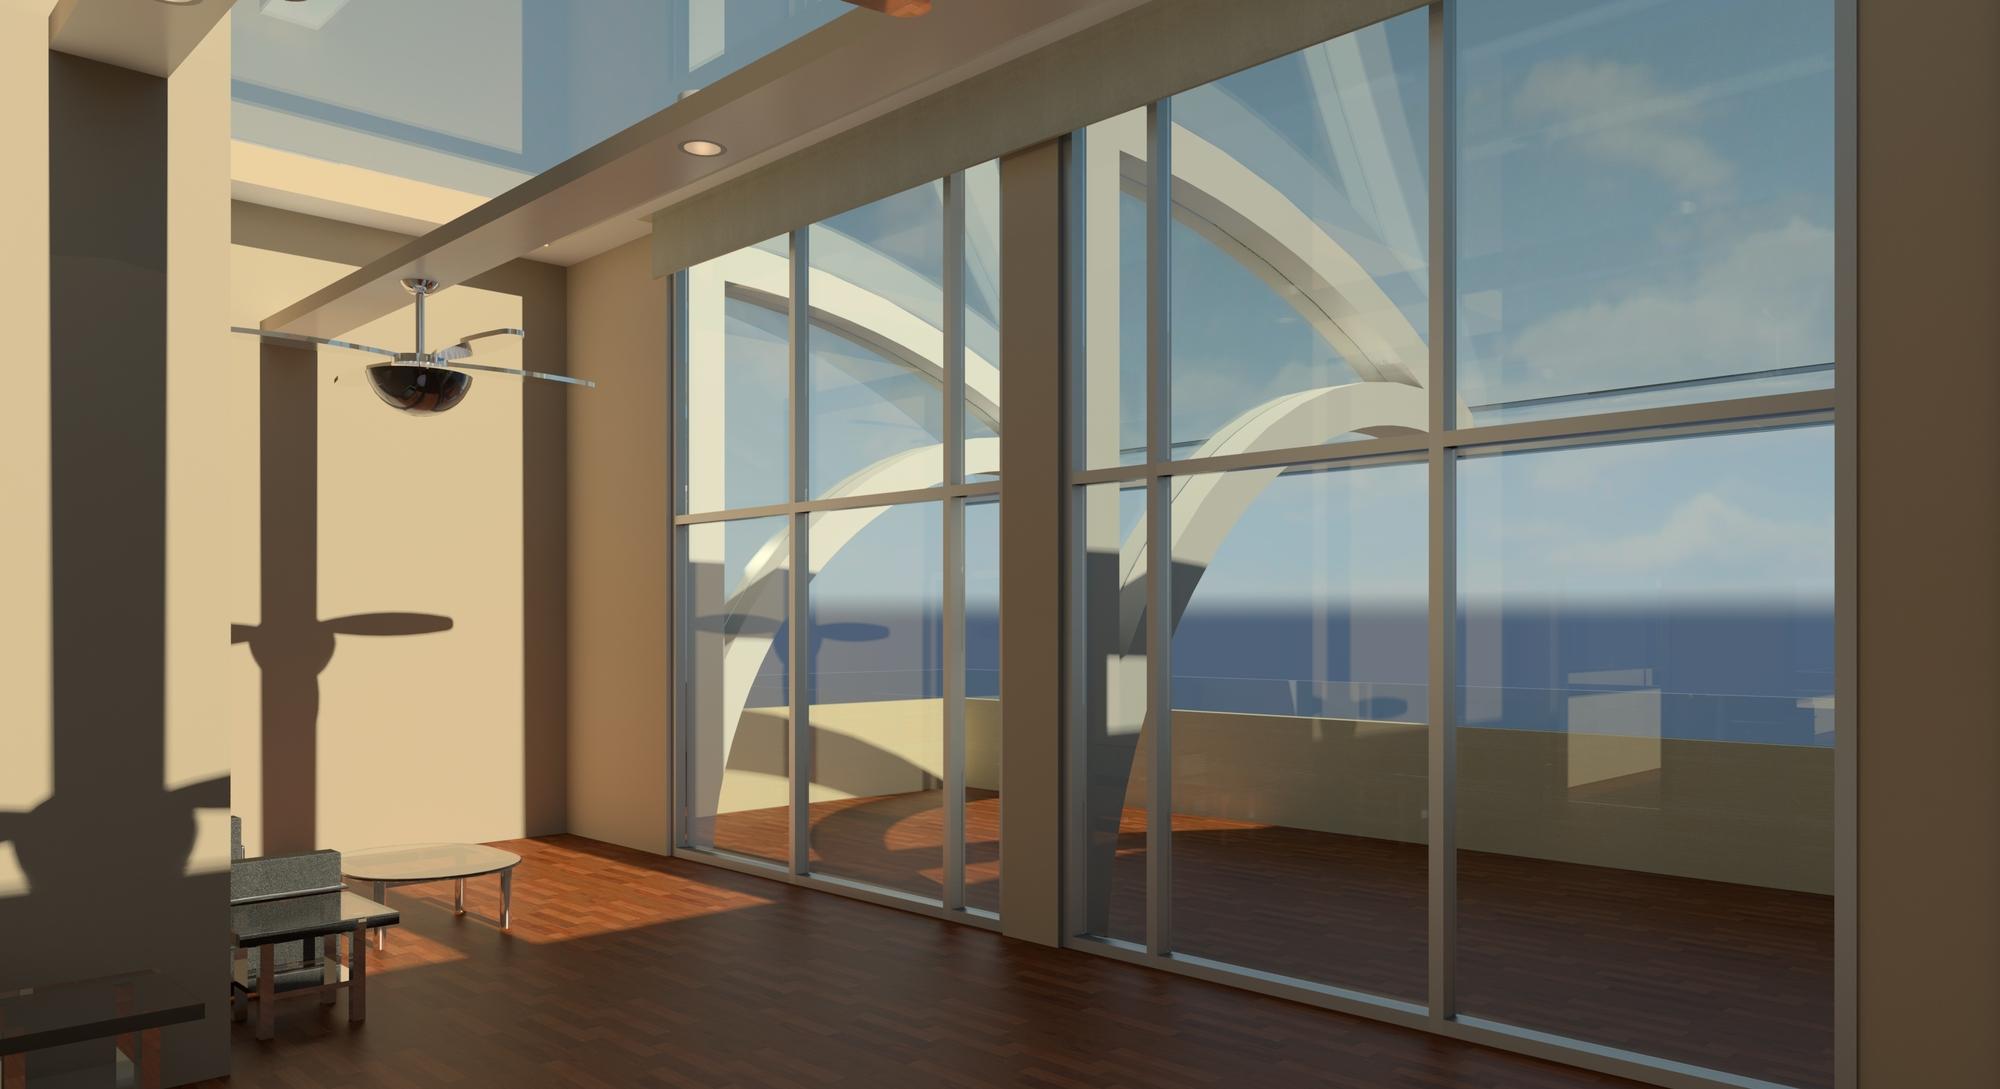 Raas-rendering20150326-2169-7ovmgg